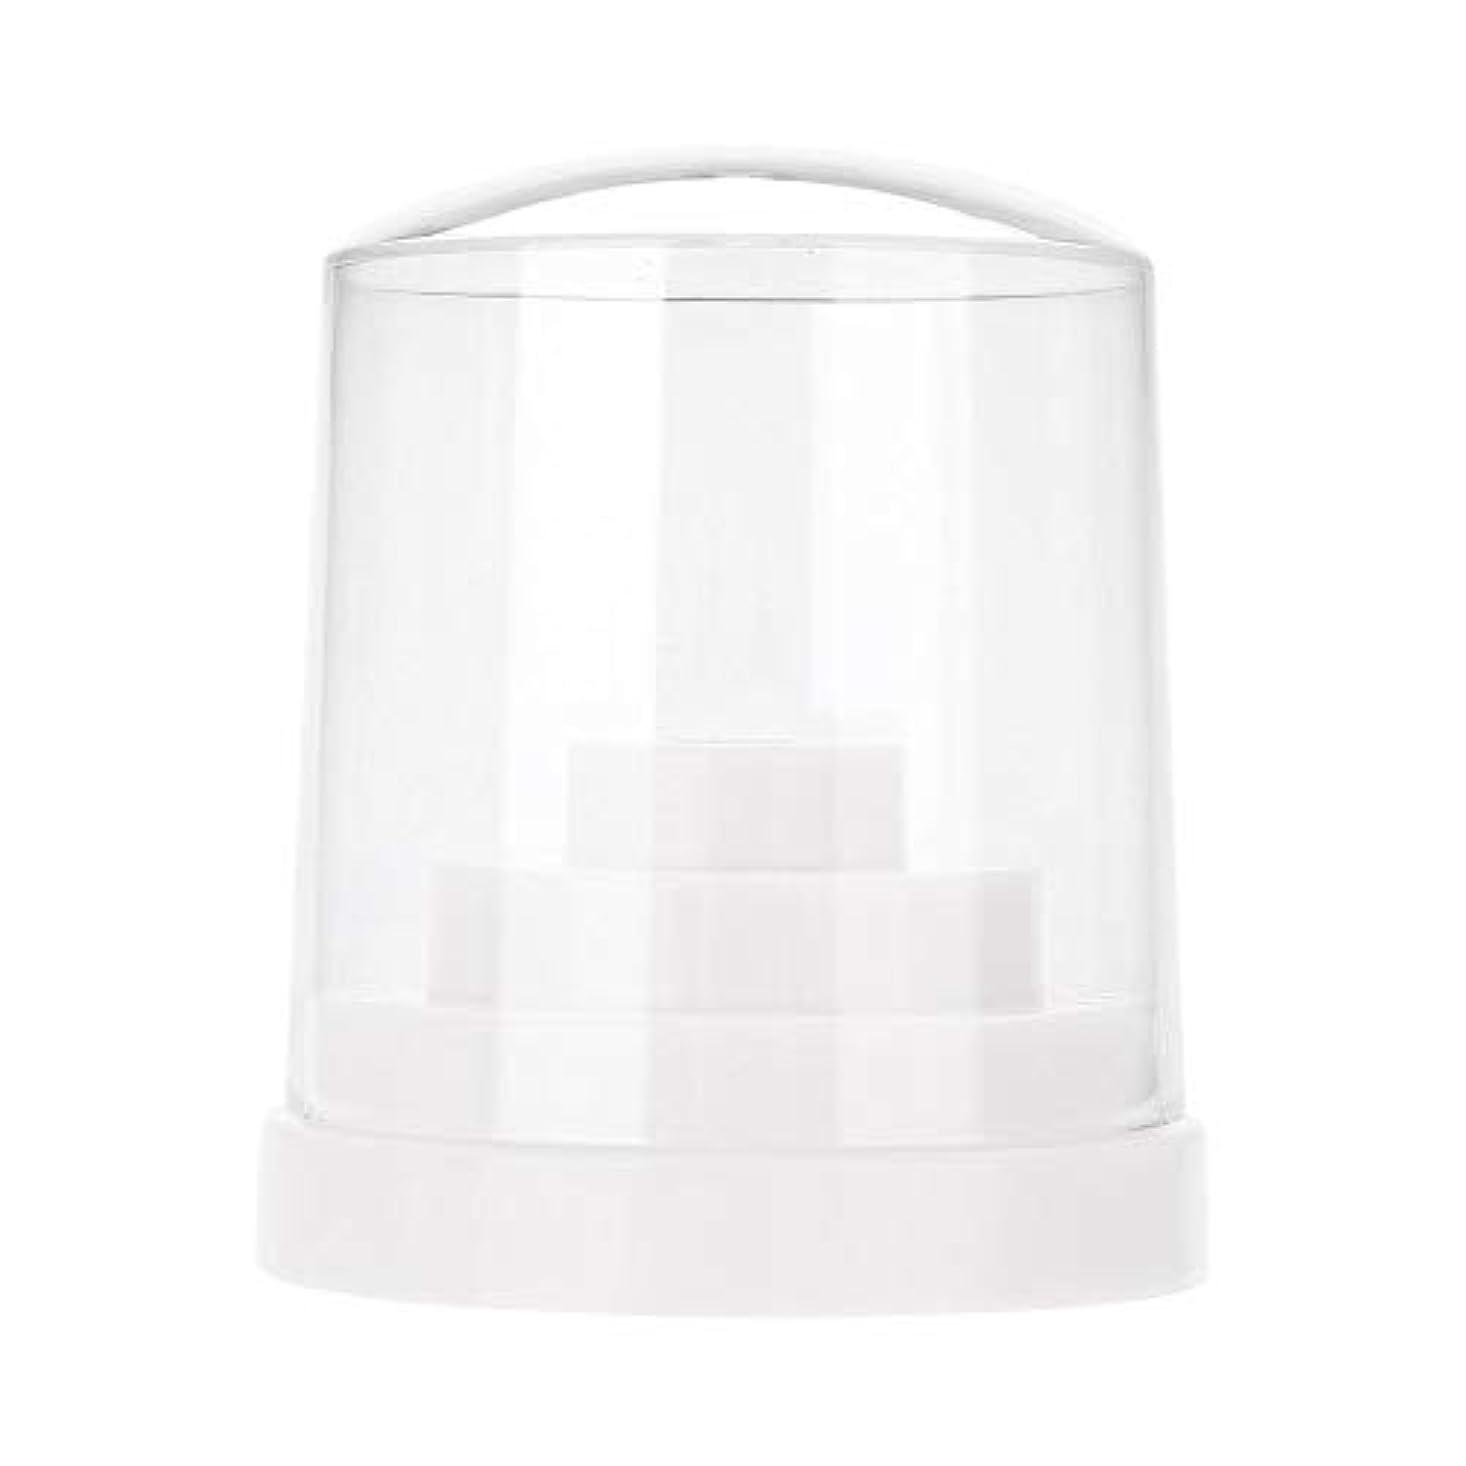 管理しますアトラス木ネイルドリルスタンド、48穴ネイルアートプラスチックネイルケアドリルスタンドホルダードリルビットディスプレイオーガナイザーボックスアートアクセサリー(白)